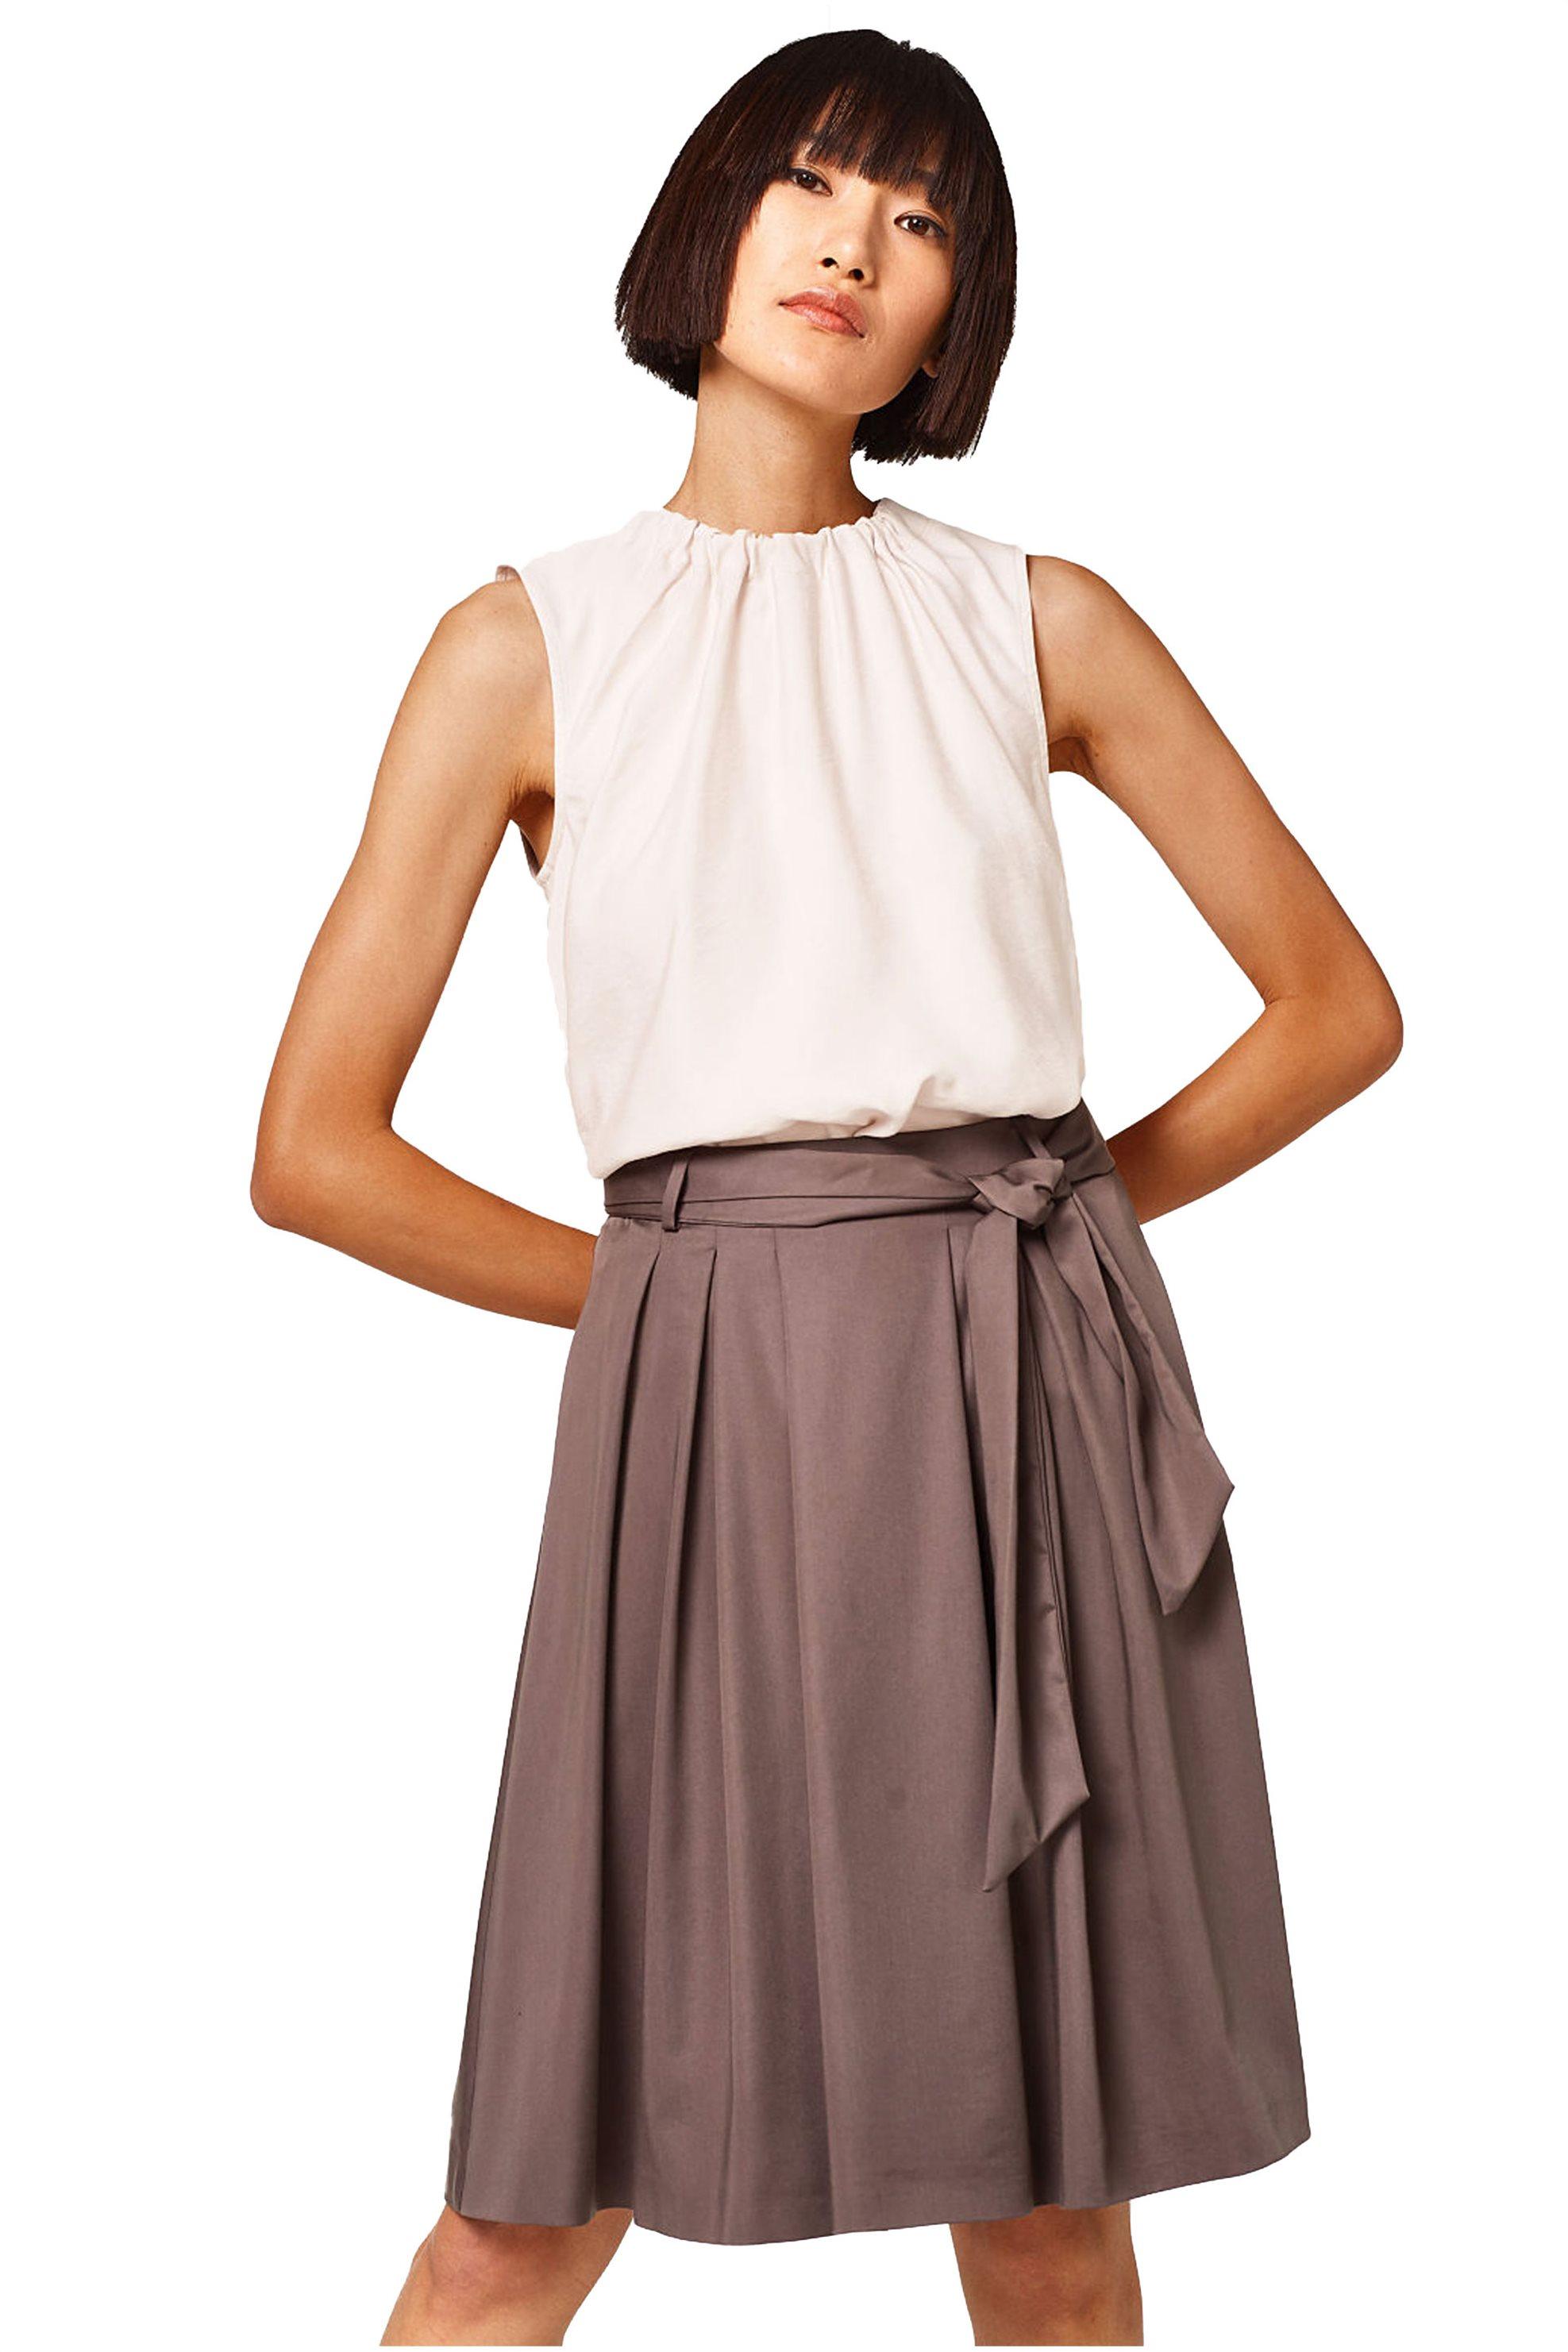 Γυναικεία   Ρούχα   Φούστες   Καθημερινές   Esprit γυναικεία κλος ... 59be7100bf4